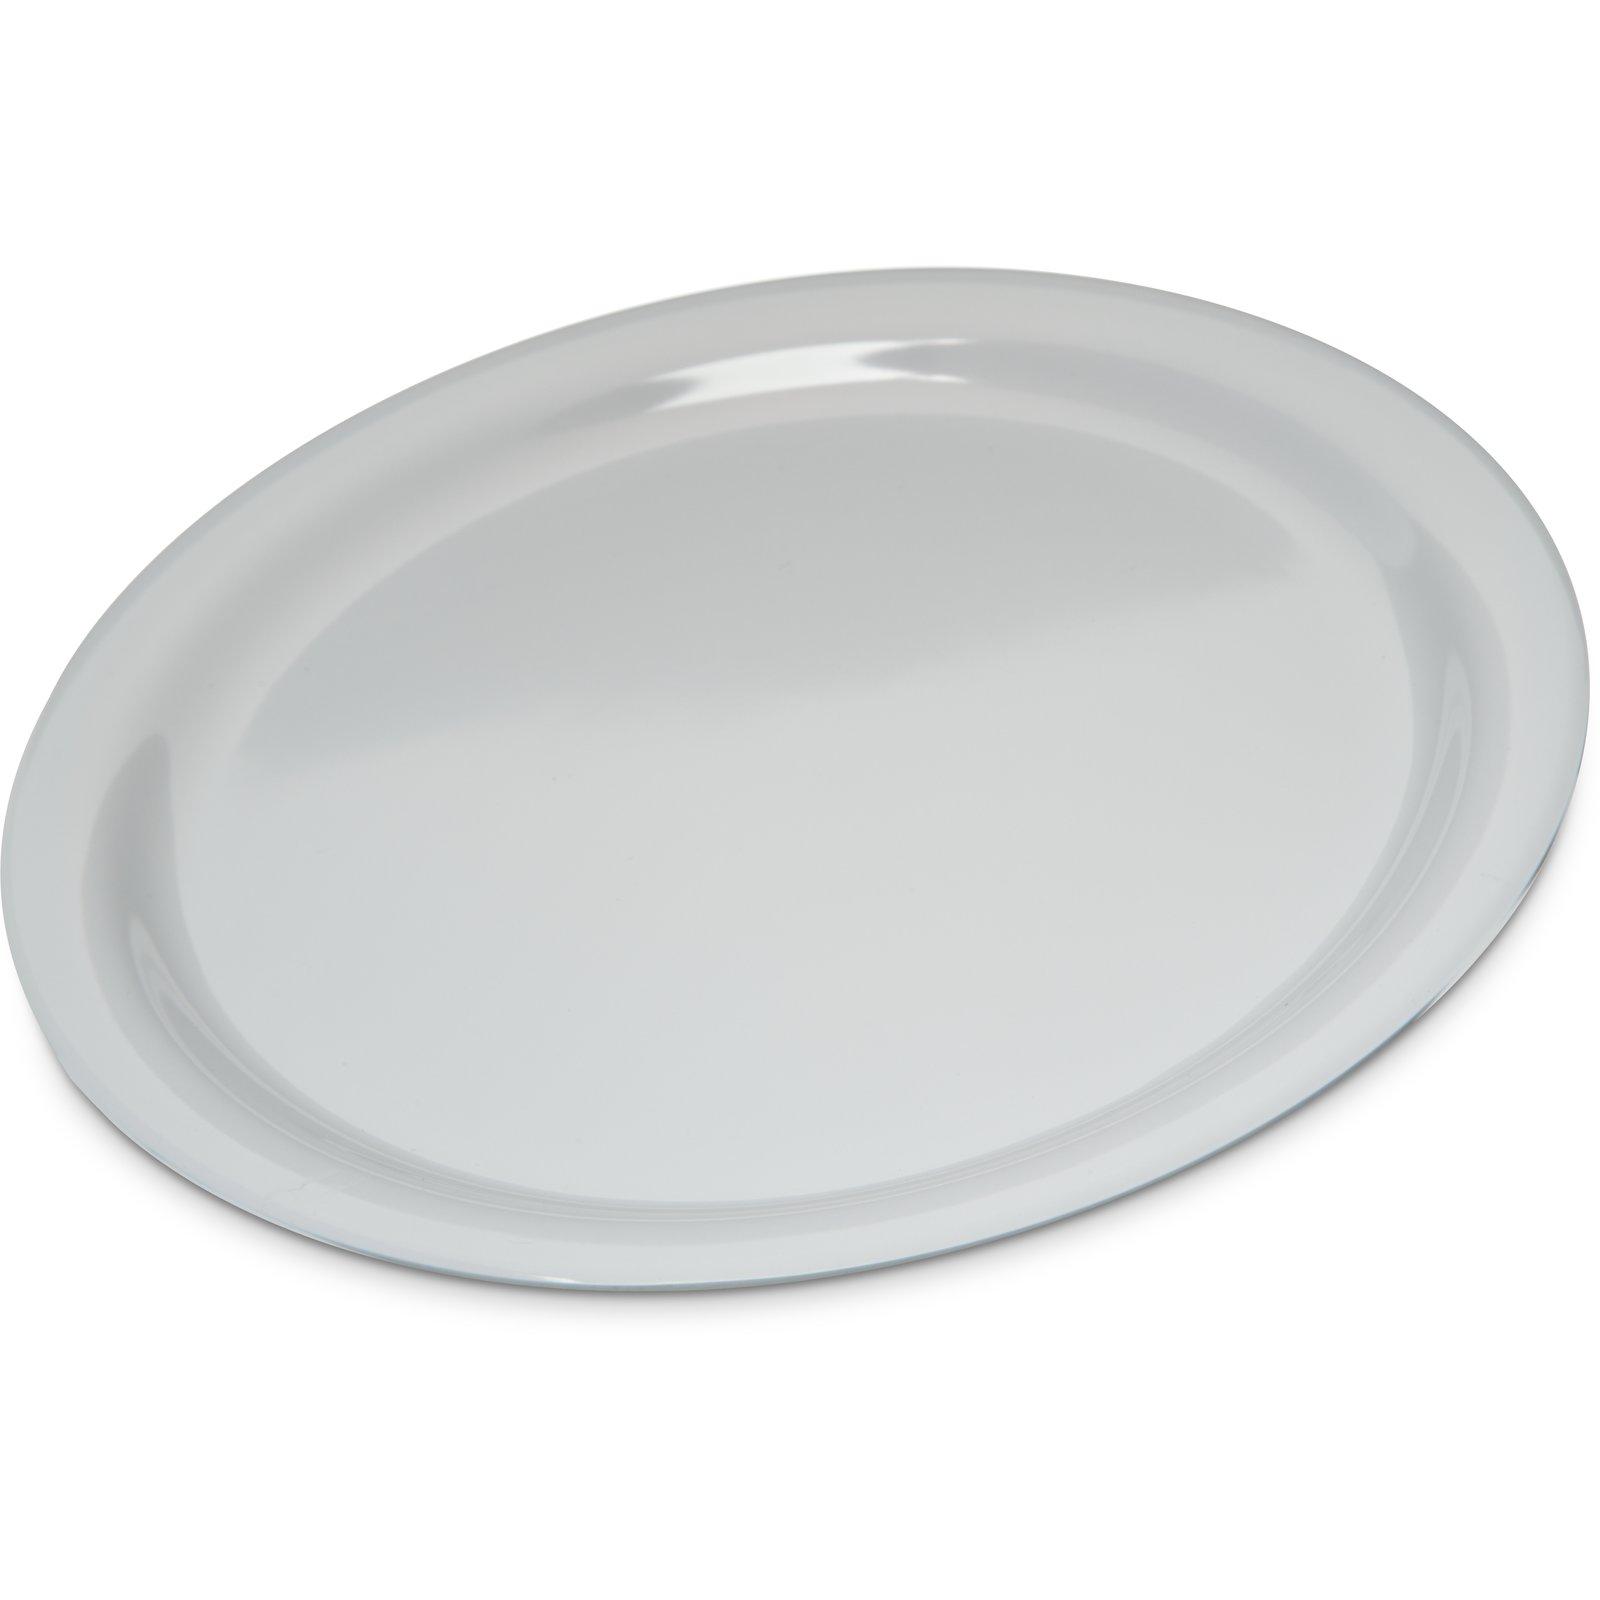 KL20002 - Kingline™ Melamine Dinner Plate 9\  - White  sc 1 st  Carlisle FoodService Products & KL20002 - Kingline™ Melamine Dinner Plate 9\